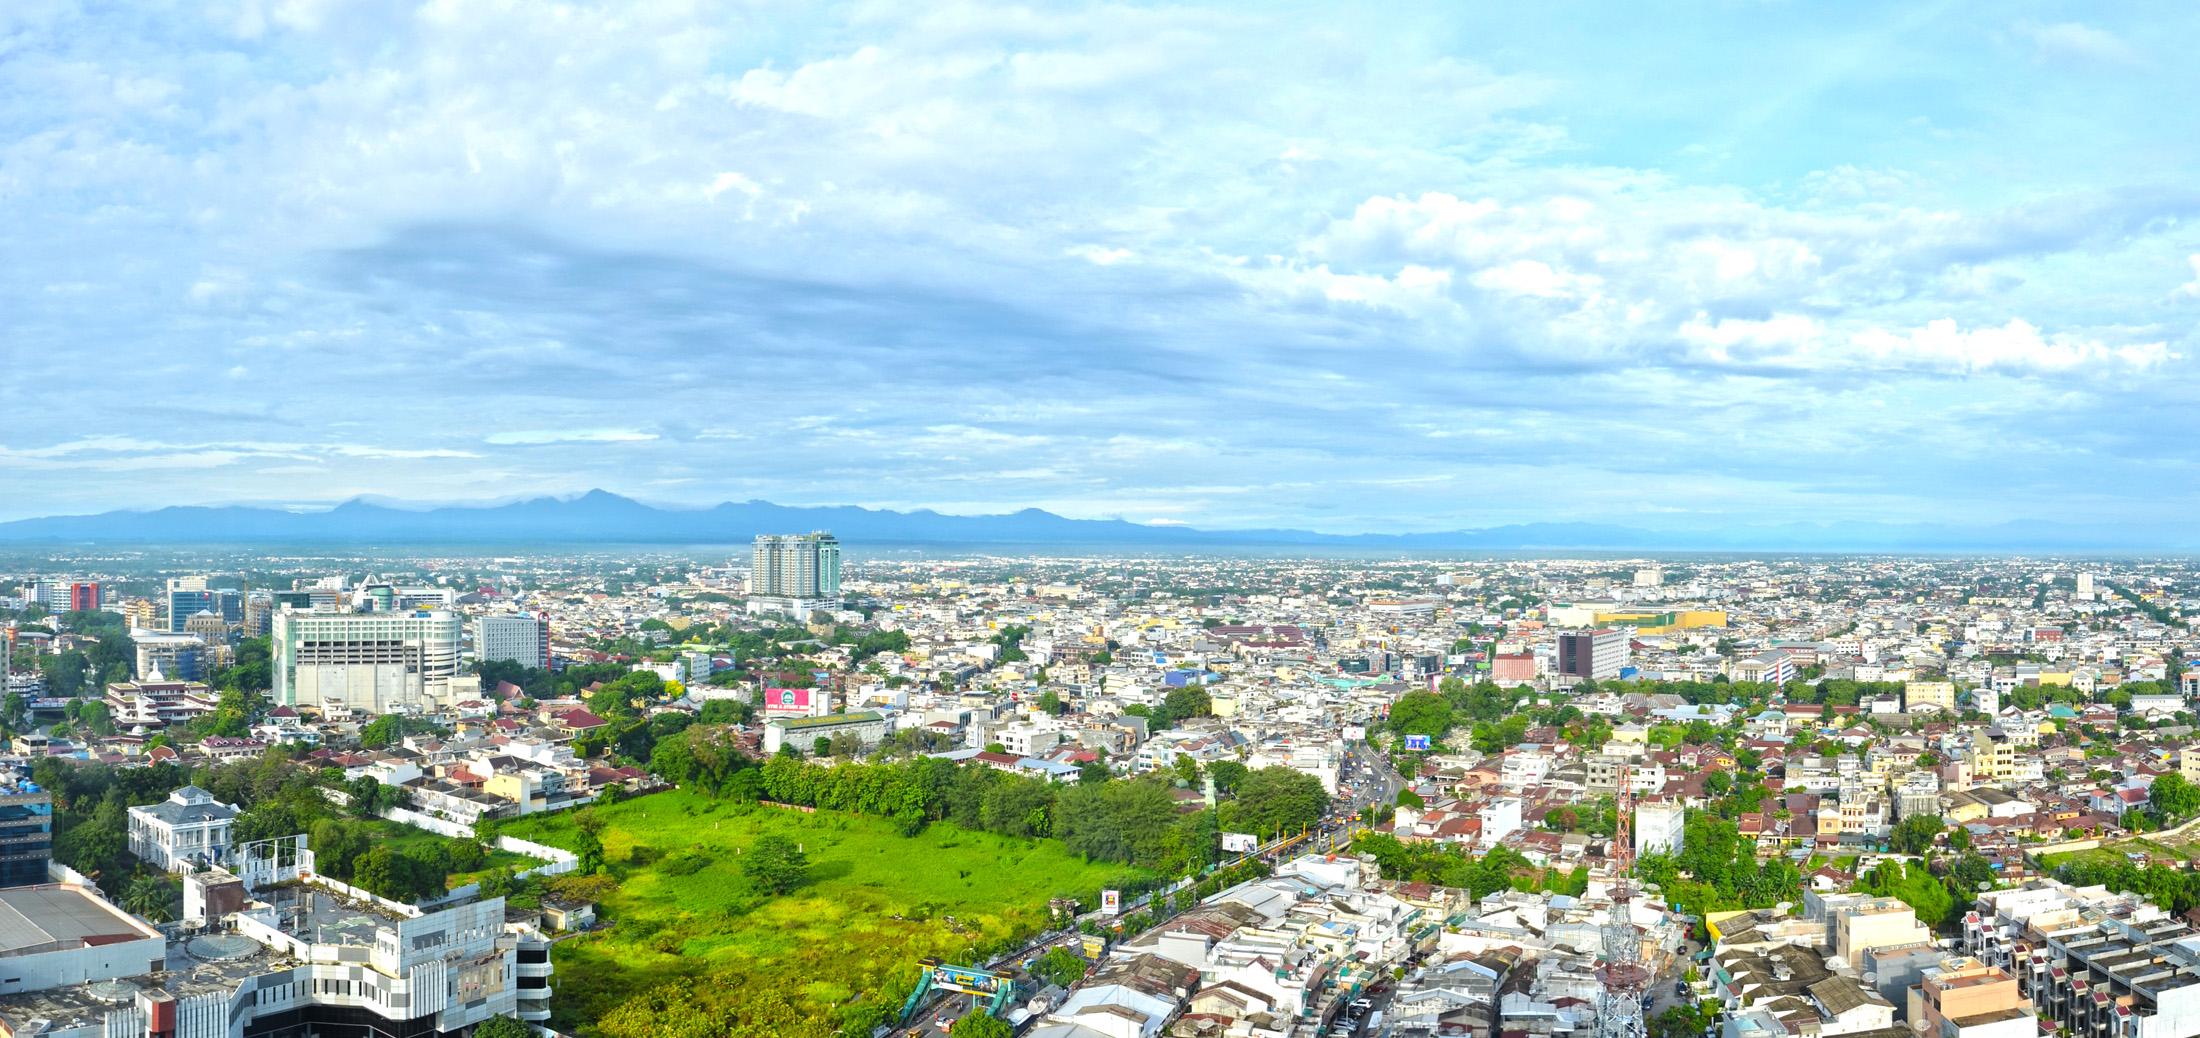 Kota Medan Adalah Ibu Kota Provinsi Sumatera Utara Indonesia Kota ini merupakan kota TERBESAR di Pulau Sumatera kota Medan Merupakan Pintu Gerbang Wilayah